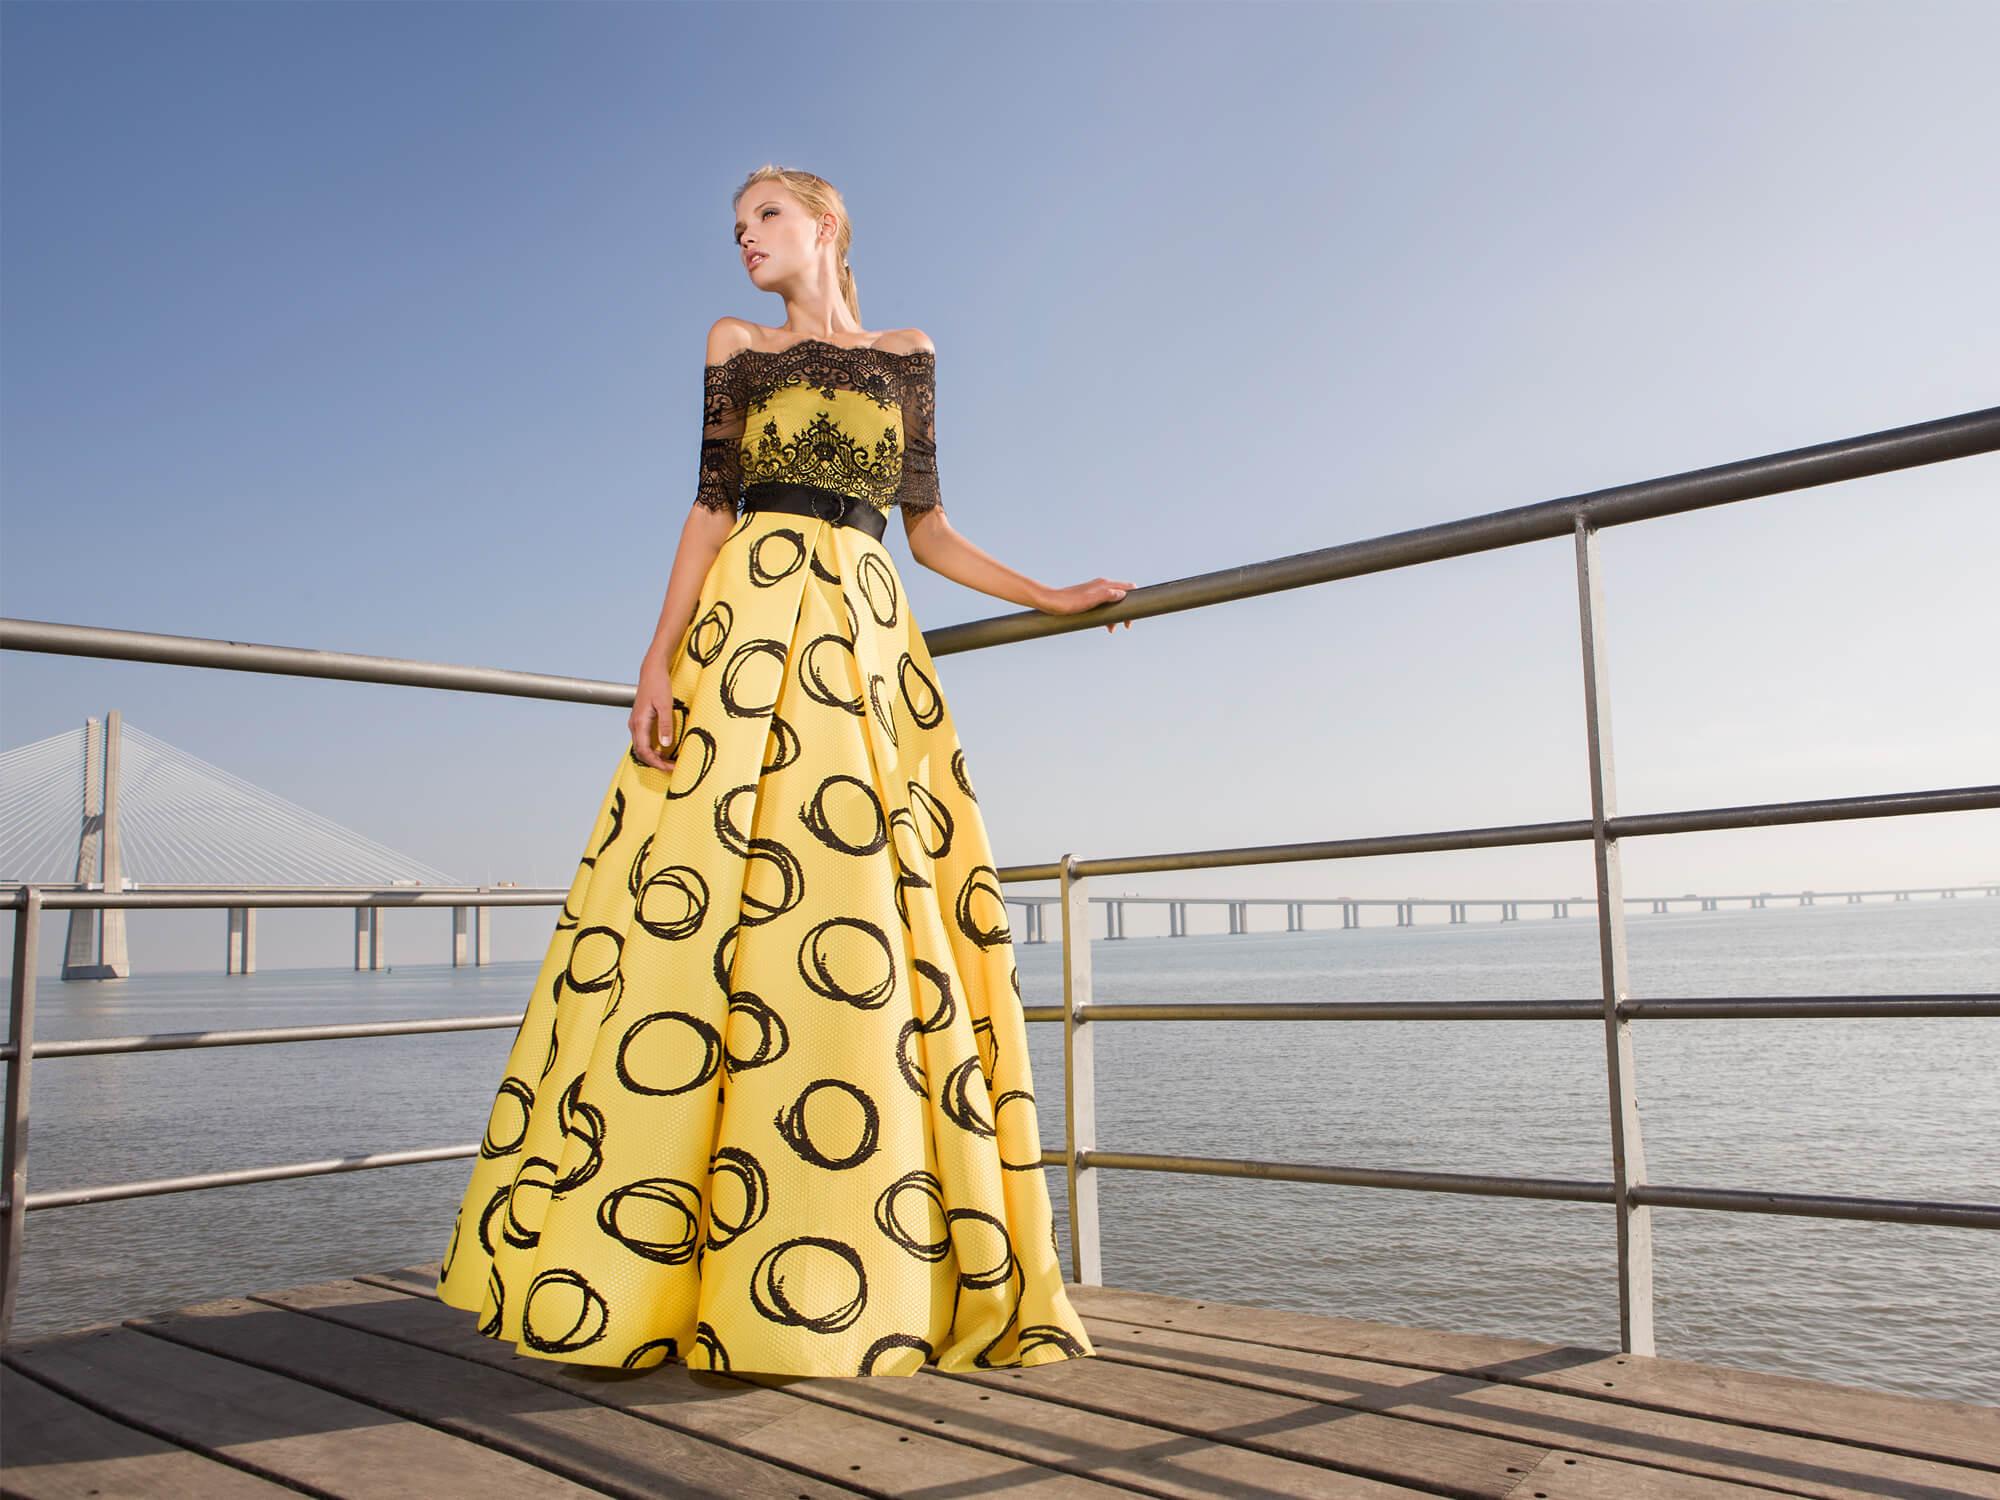 Formal Top Abendkleider Nrw Spezialgebiet10 Schön Abendkleider Nrw für 2019